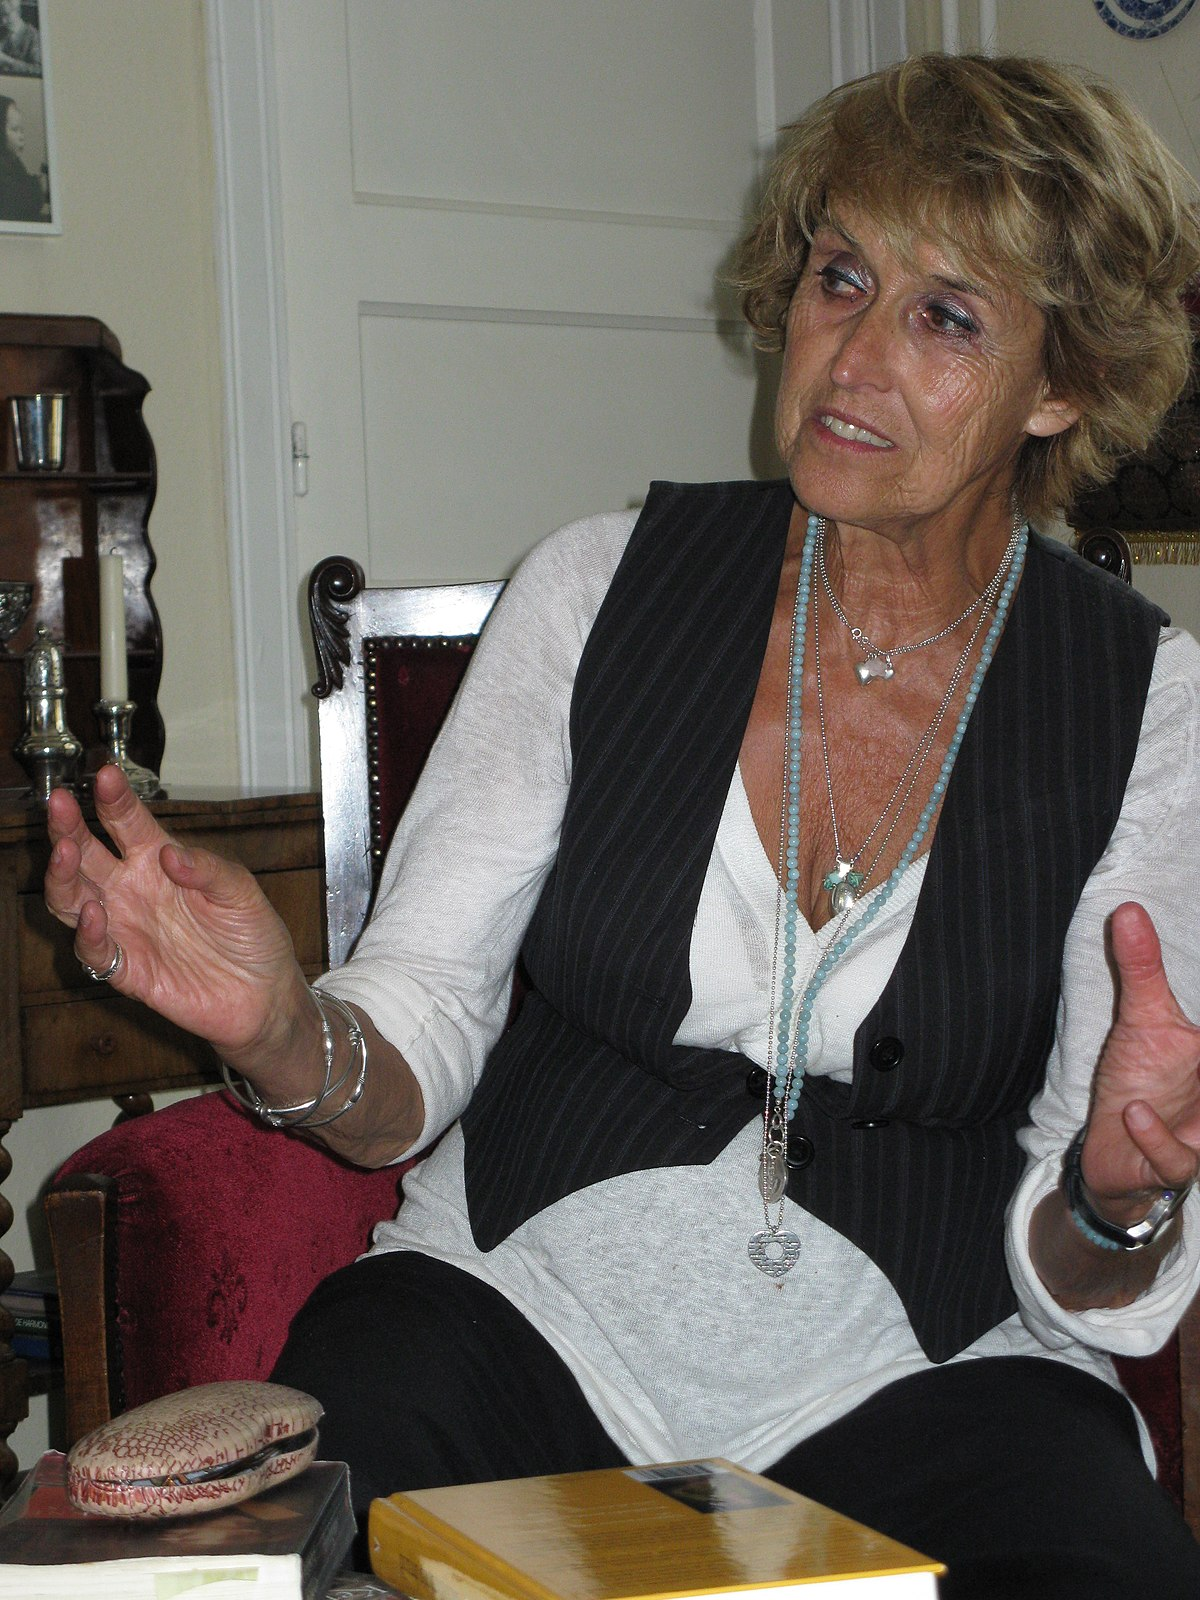 Yvonne Keuls - Wikipedia